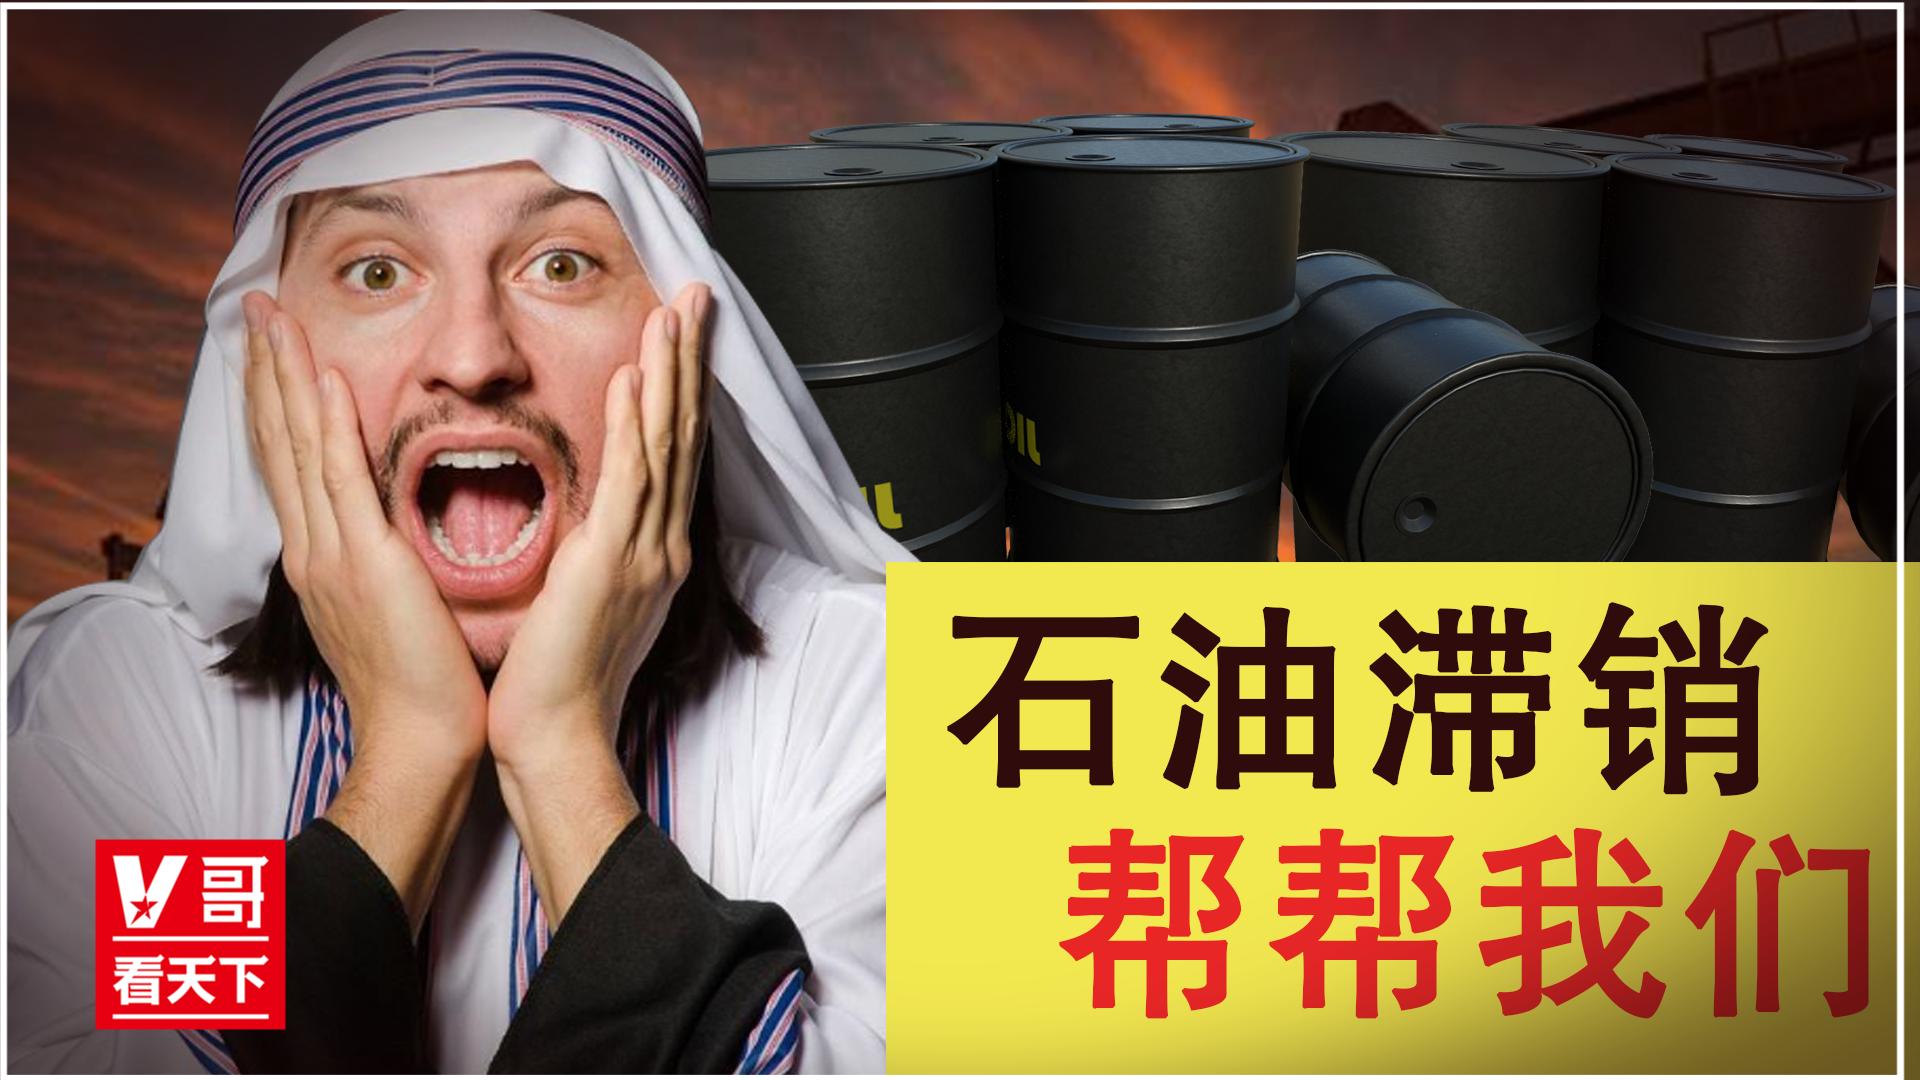 原油期货跌至负值:石油滞销,救救我们!【V哥#33】